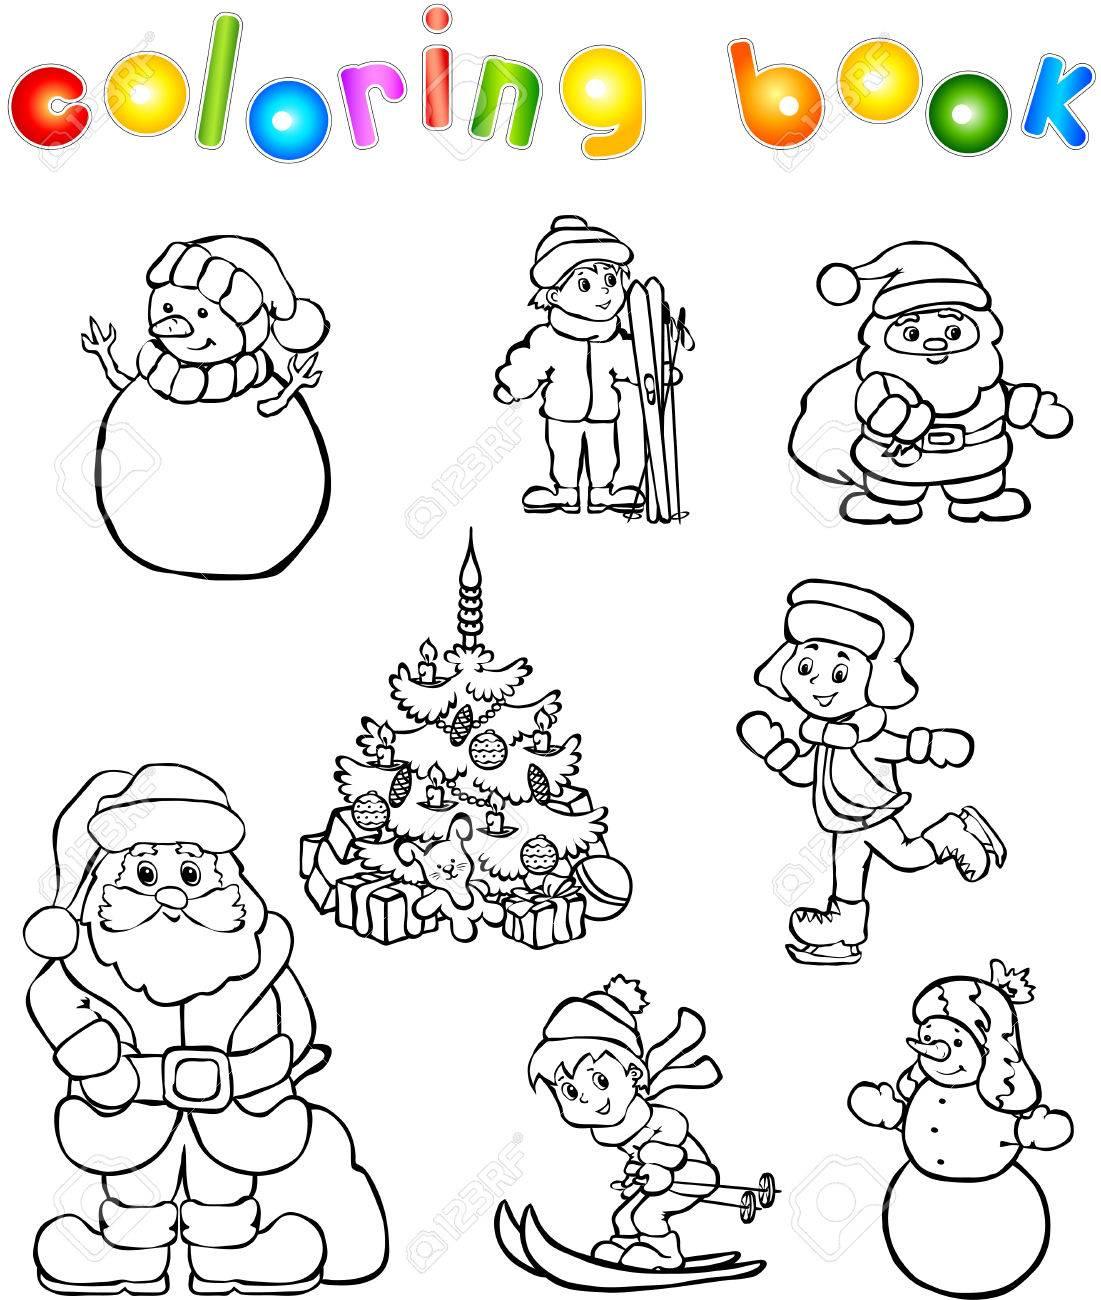 Groß Weihnachten Malbücher Für Kinder Bilder - Malvorlagen Von ...